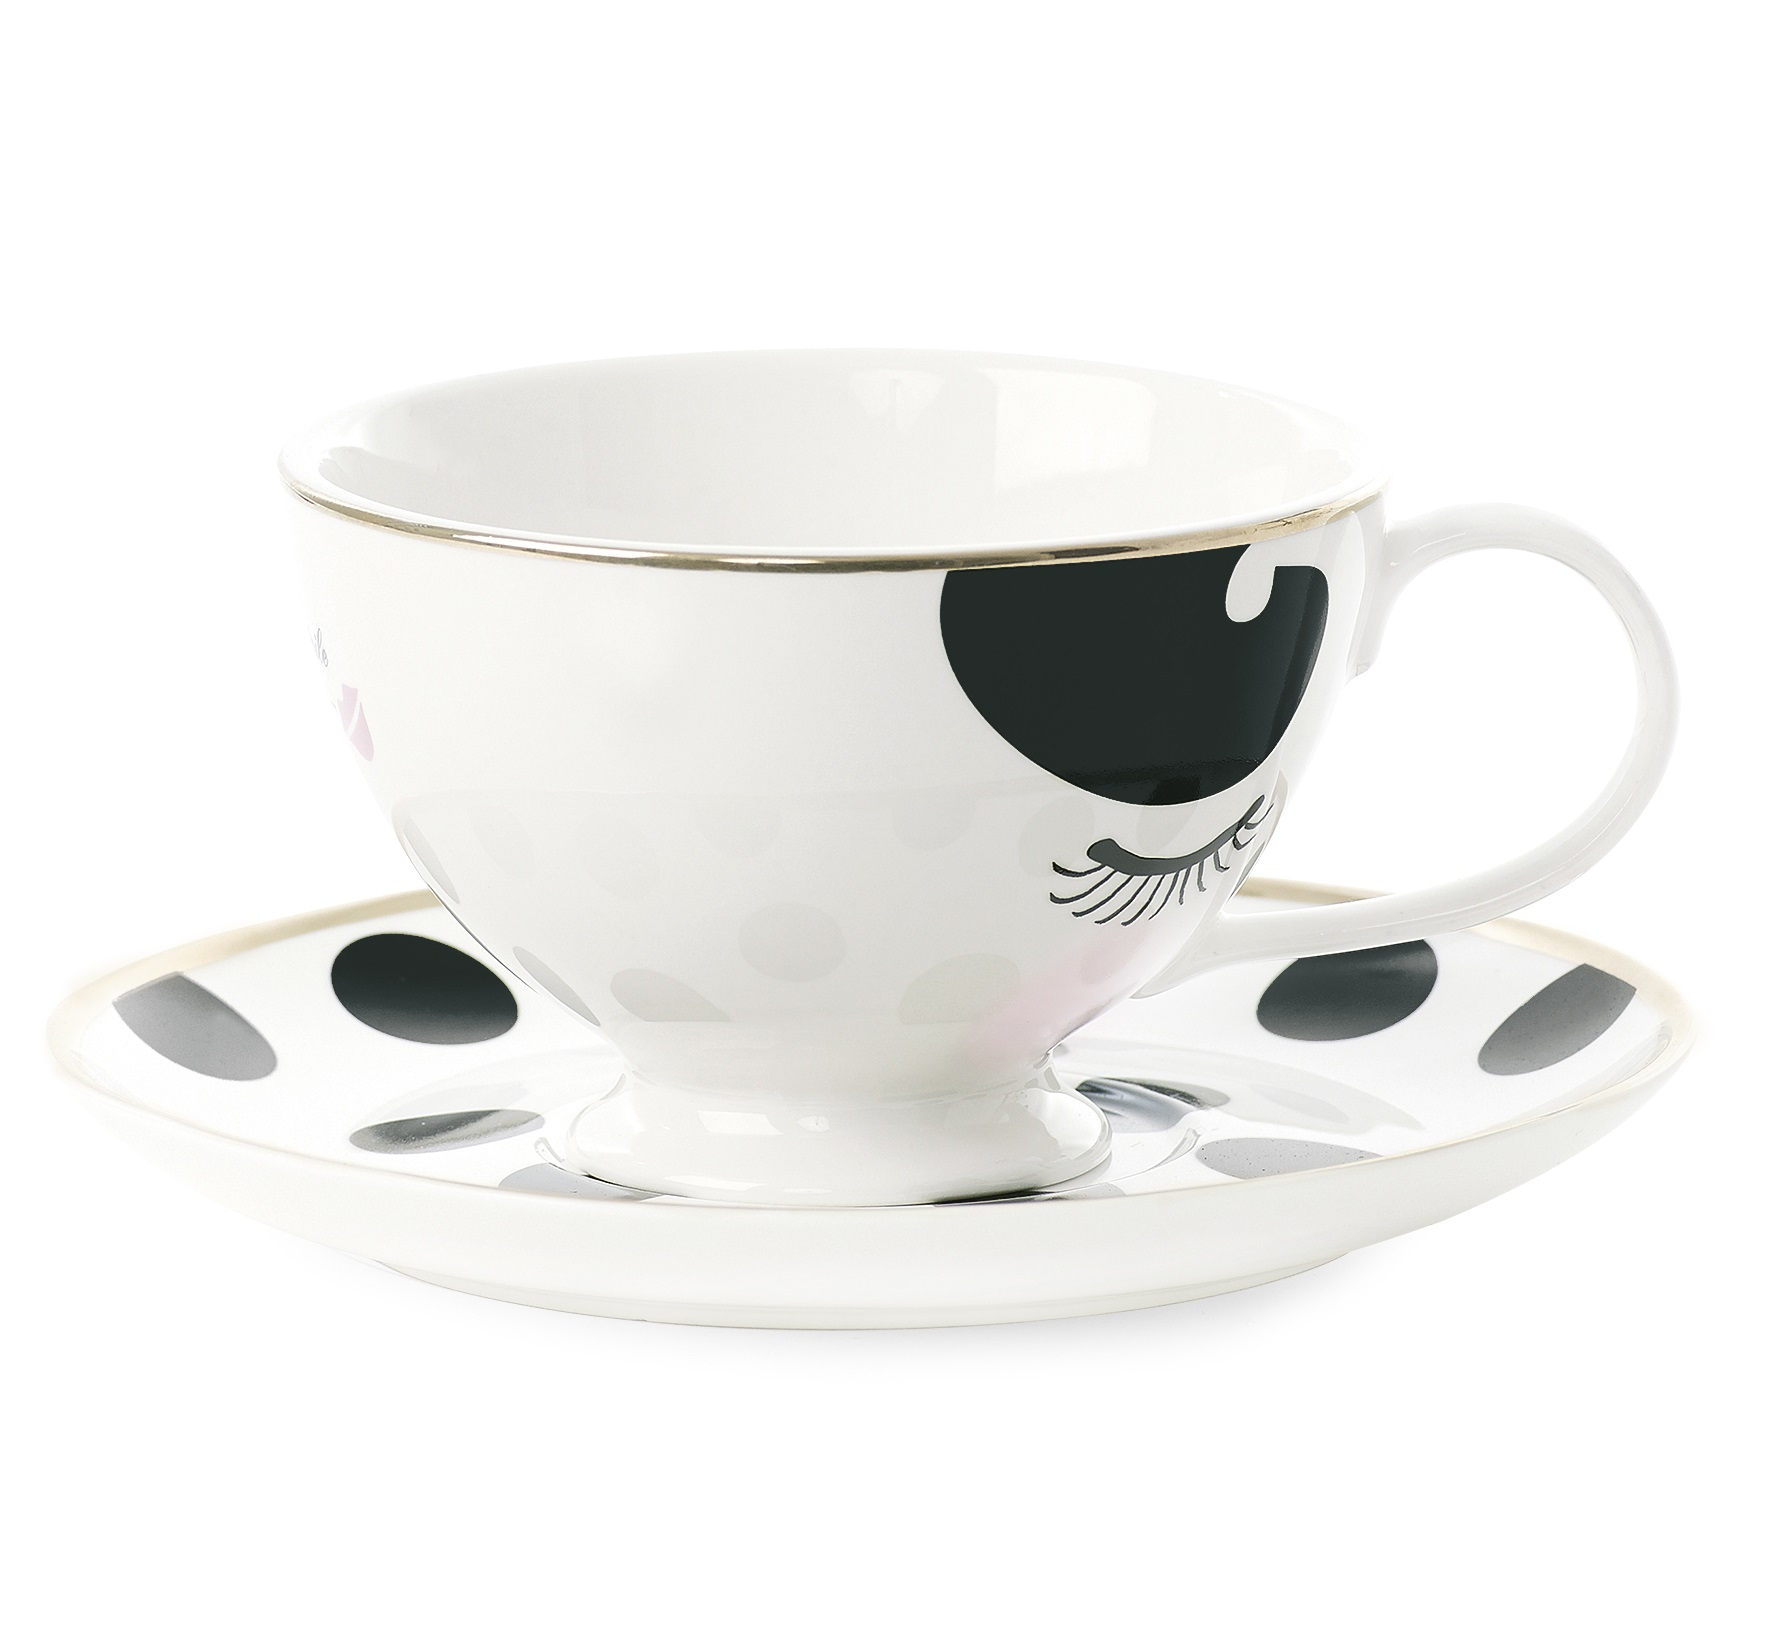 Чайная параЧайные пары, чашки и кружки<br>Чайная пара Miss Etoile – это набор, состоящий из чашки из блюдца. Посуда для чайной церемонии играет важную роль, ведь перерыв на чашку ароматного напитка – это прекрасная возможность отдохнуть, провести время за приятной беседой или просто помечтать и своих желаниях. Этот отдых станет еще приятнее, если чайная пара выполнена в роскошном и изящном дизайне, с особым вниманием к каждой детали. Покупая посуду от Miss Etoile, вы делаете выбор в пользу красоты и гармонии.&amp;amp;nbsp;&amp;lt;div&amp;gt;&amp;lt;br&amp;gt;&amp;lt;/div&amp;gt;&amp;lt;div&amp;gt;Объем 250 мл.&amp;lt;/div&amp;gt;<br><br>Material: Керамика<br>Length см: None<br>Width см: None<br>Depth см: None<br>Height см: 8<br>Diameter см: 17